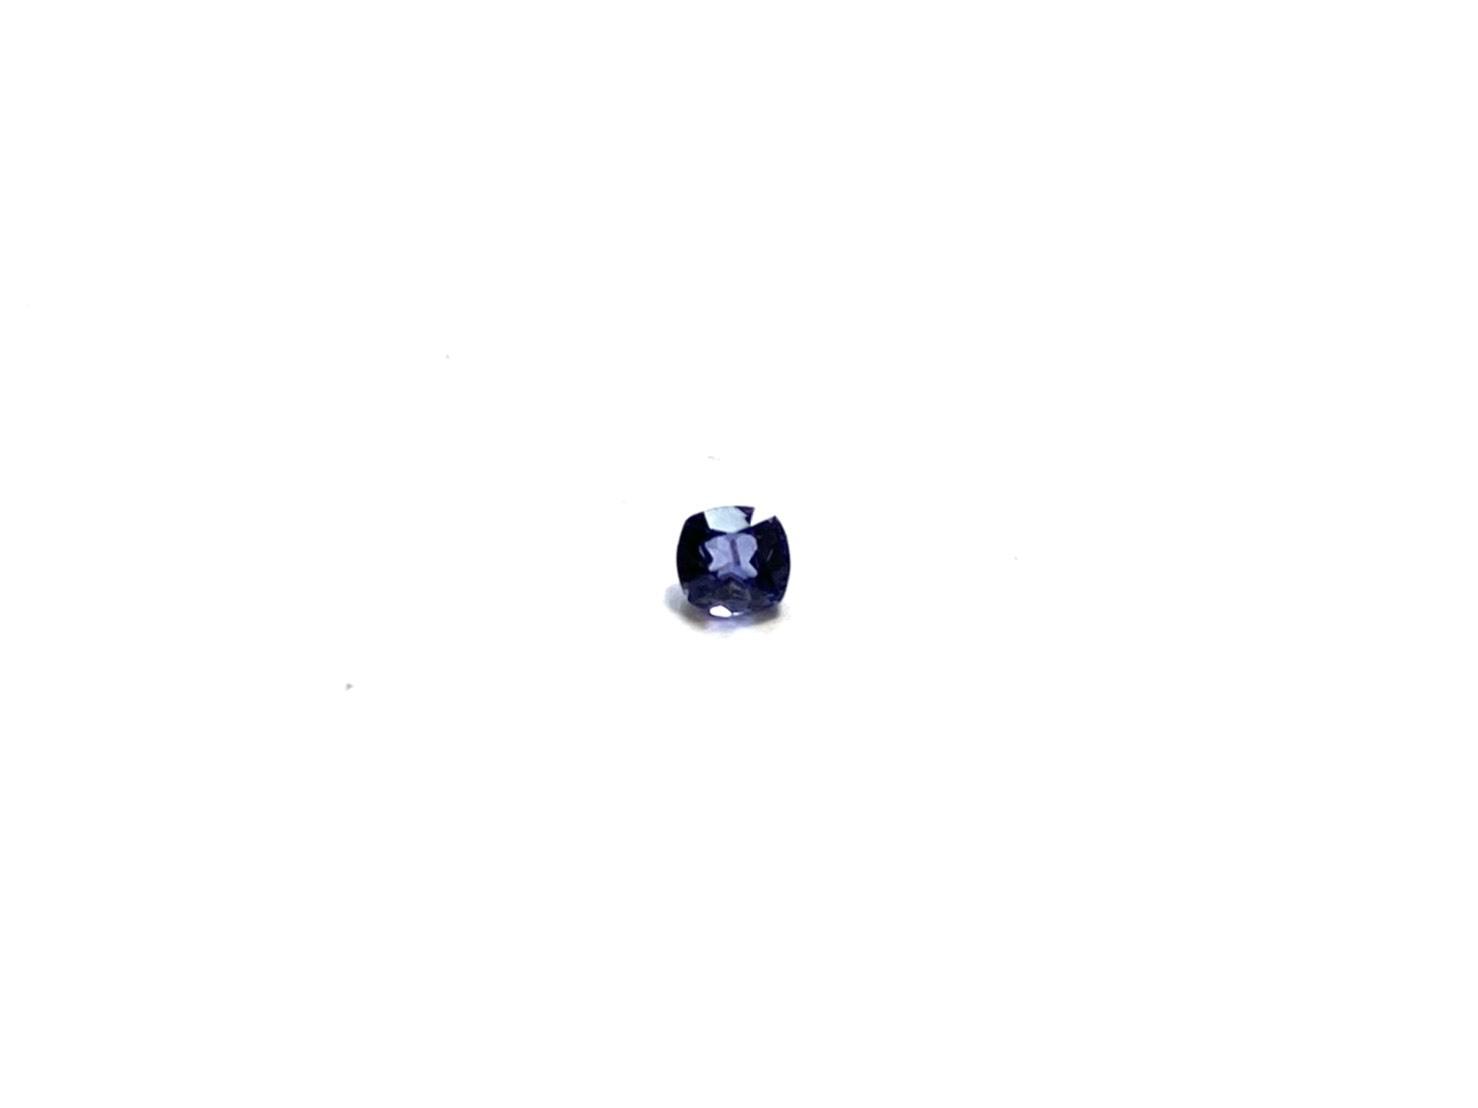 デュモルチェライト[No,k-3736]